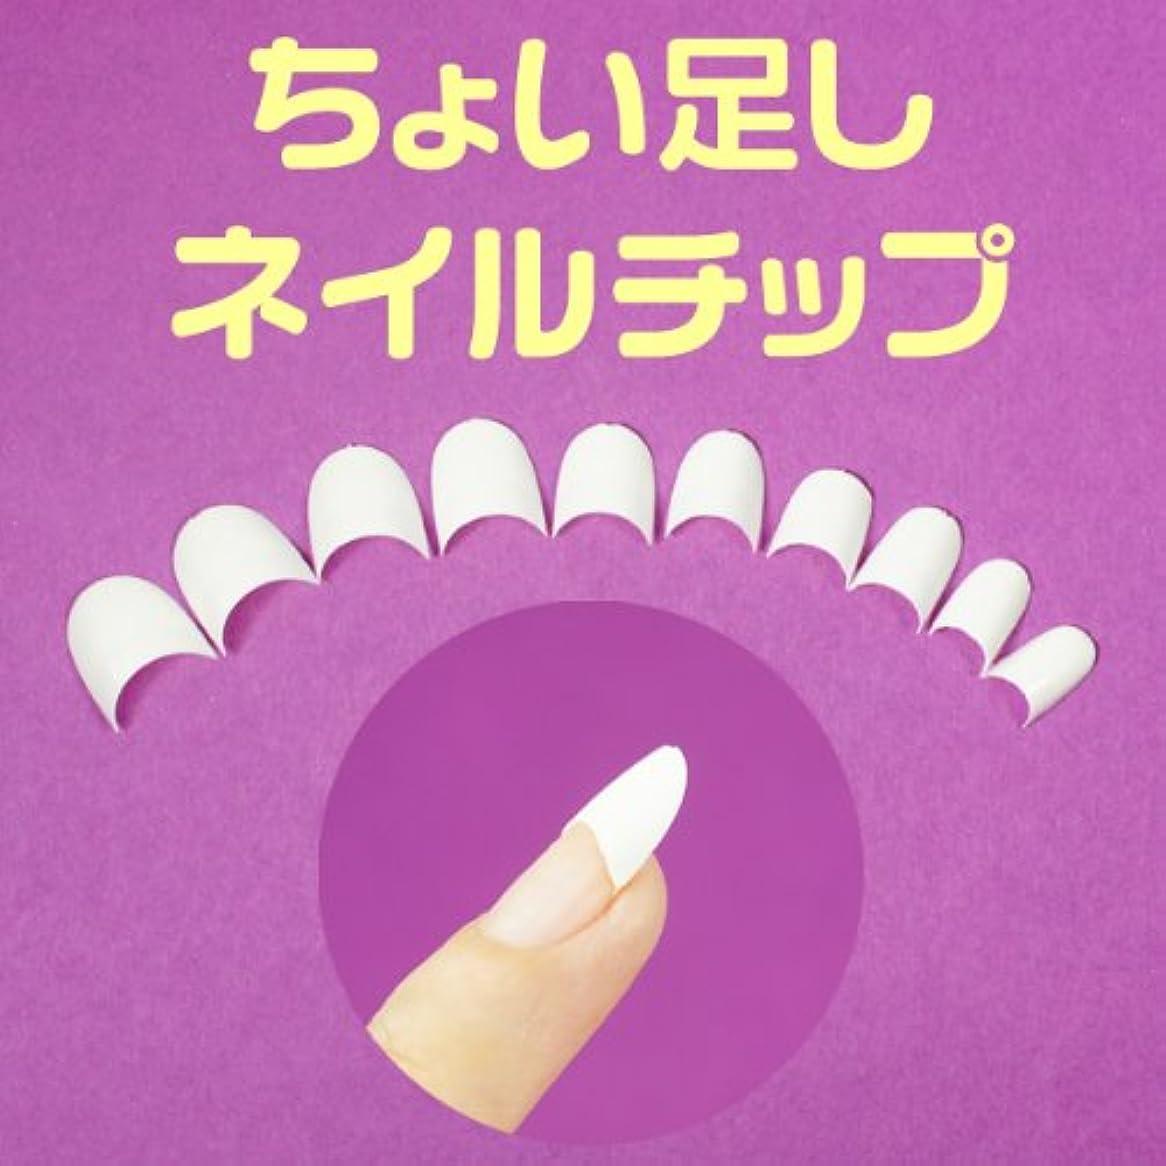 グリップ定義する登る白いちょい足しネイルチップ 超短いハーフチップ スカルプチャー ジェルネイル ラウンドショートクリアネイルチップ つけ爪付け爪